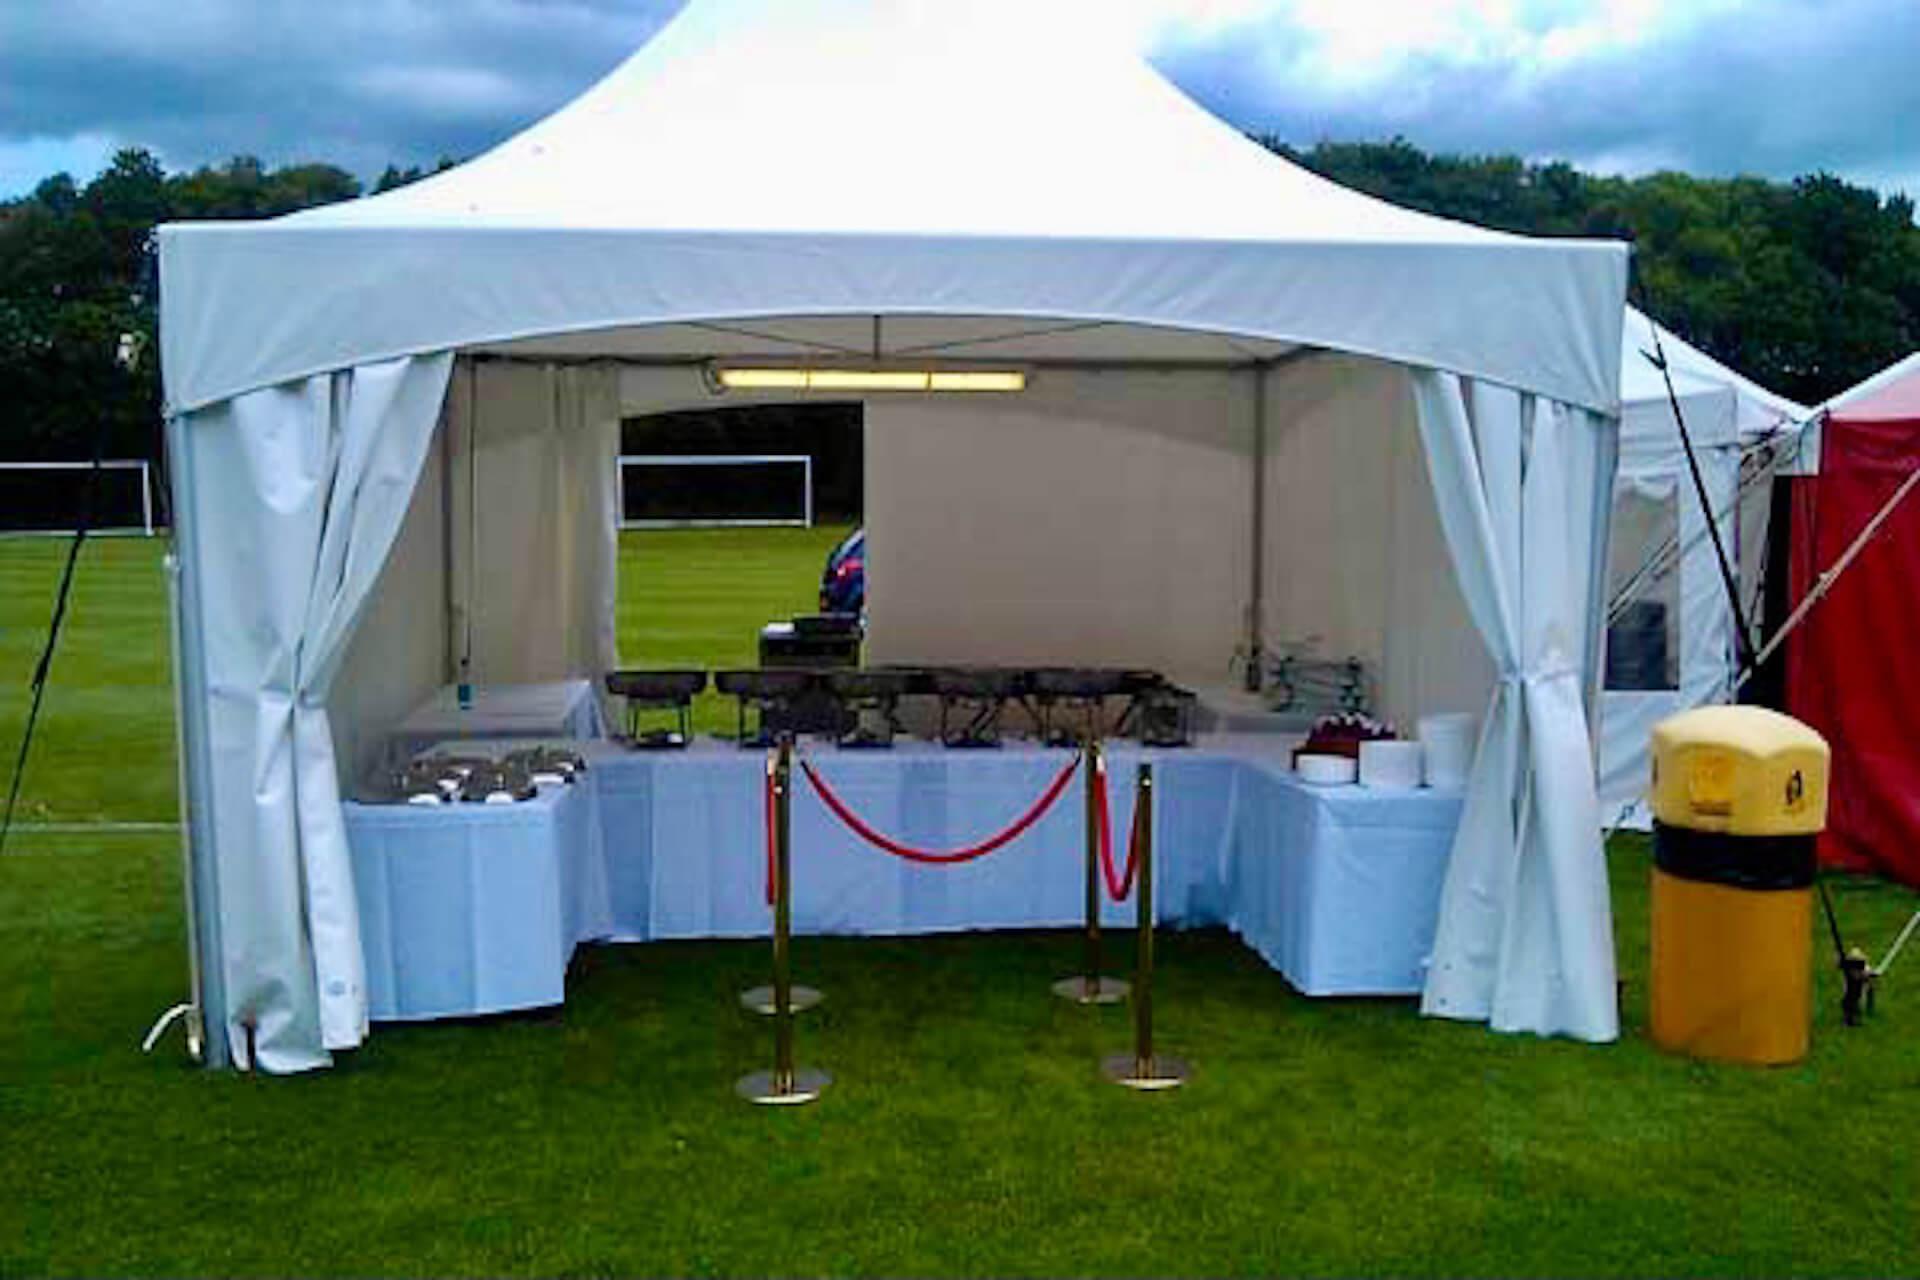 Food serving tent